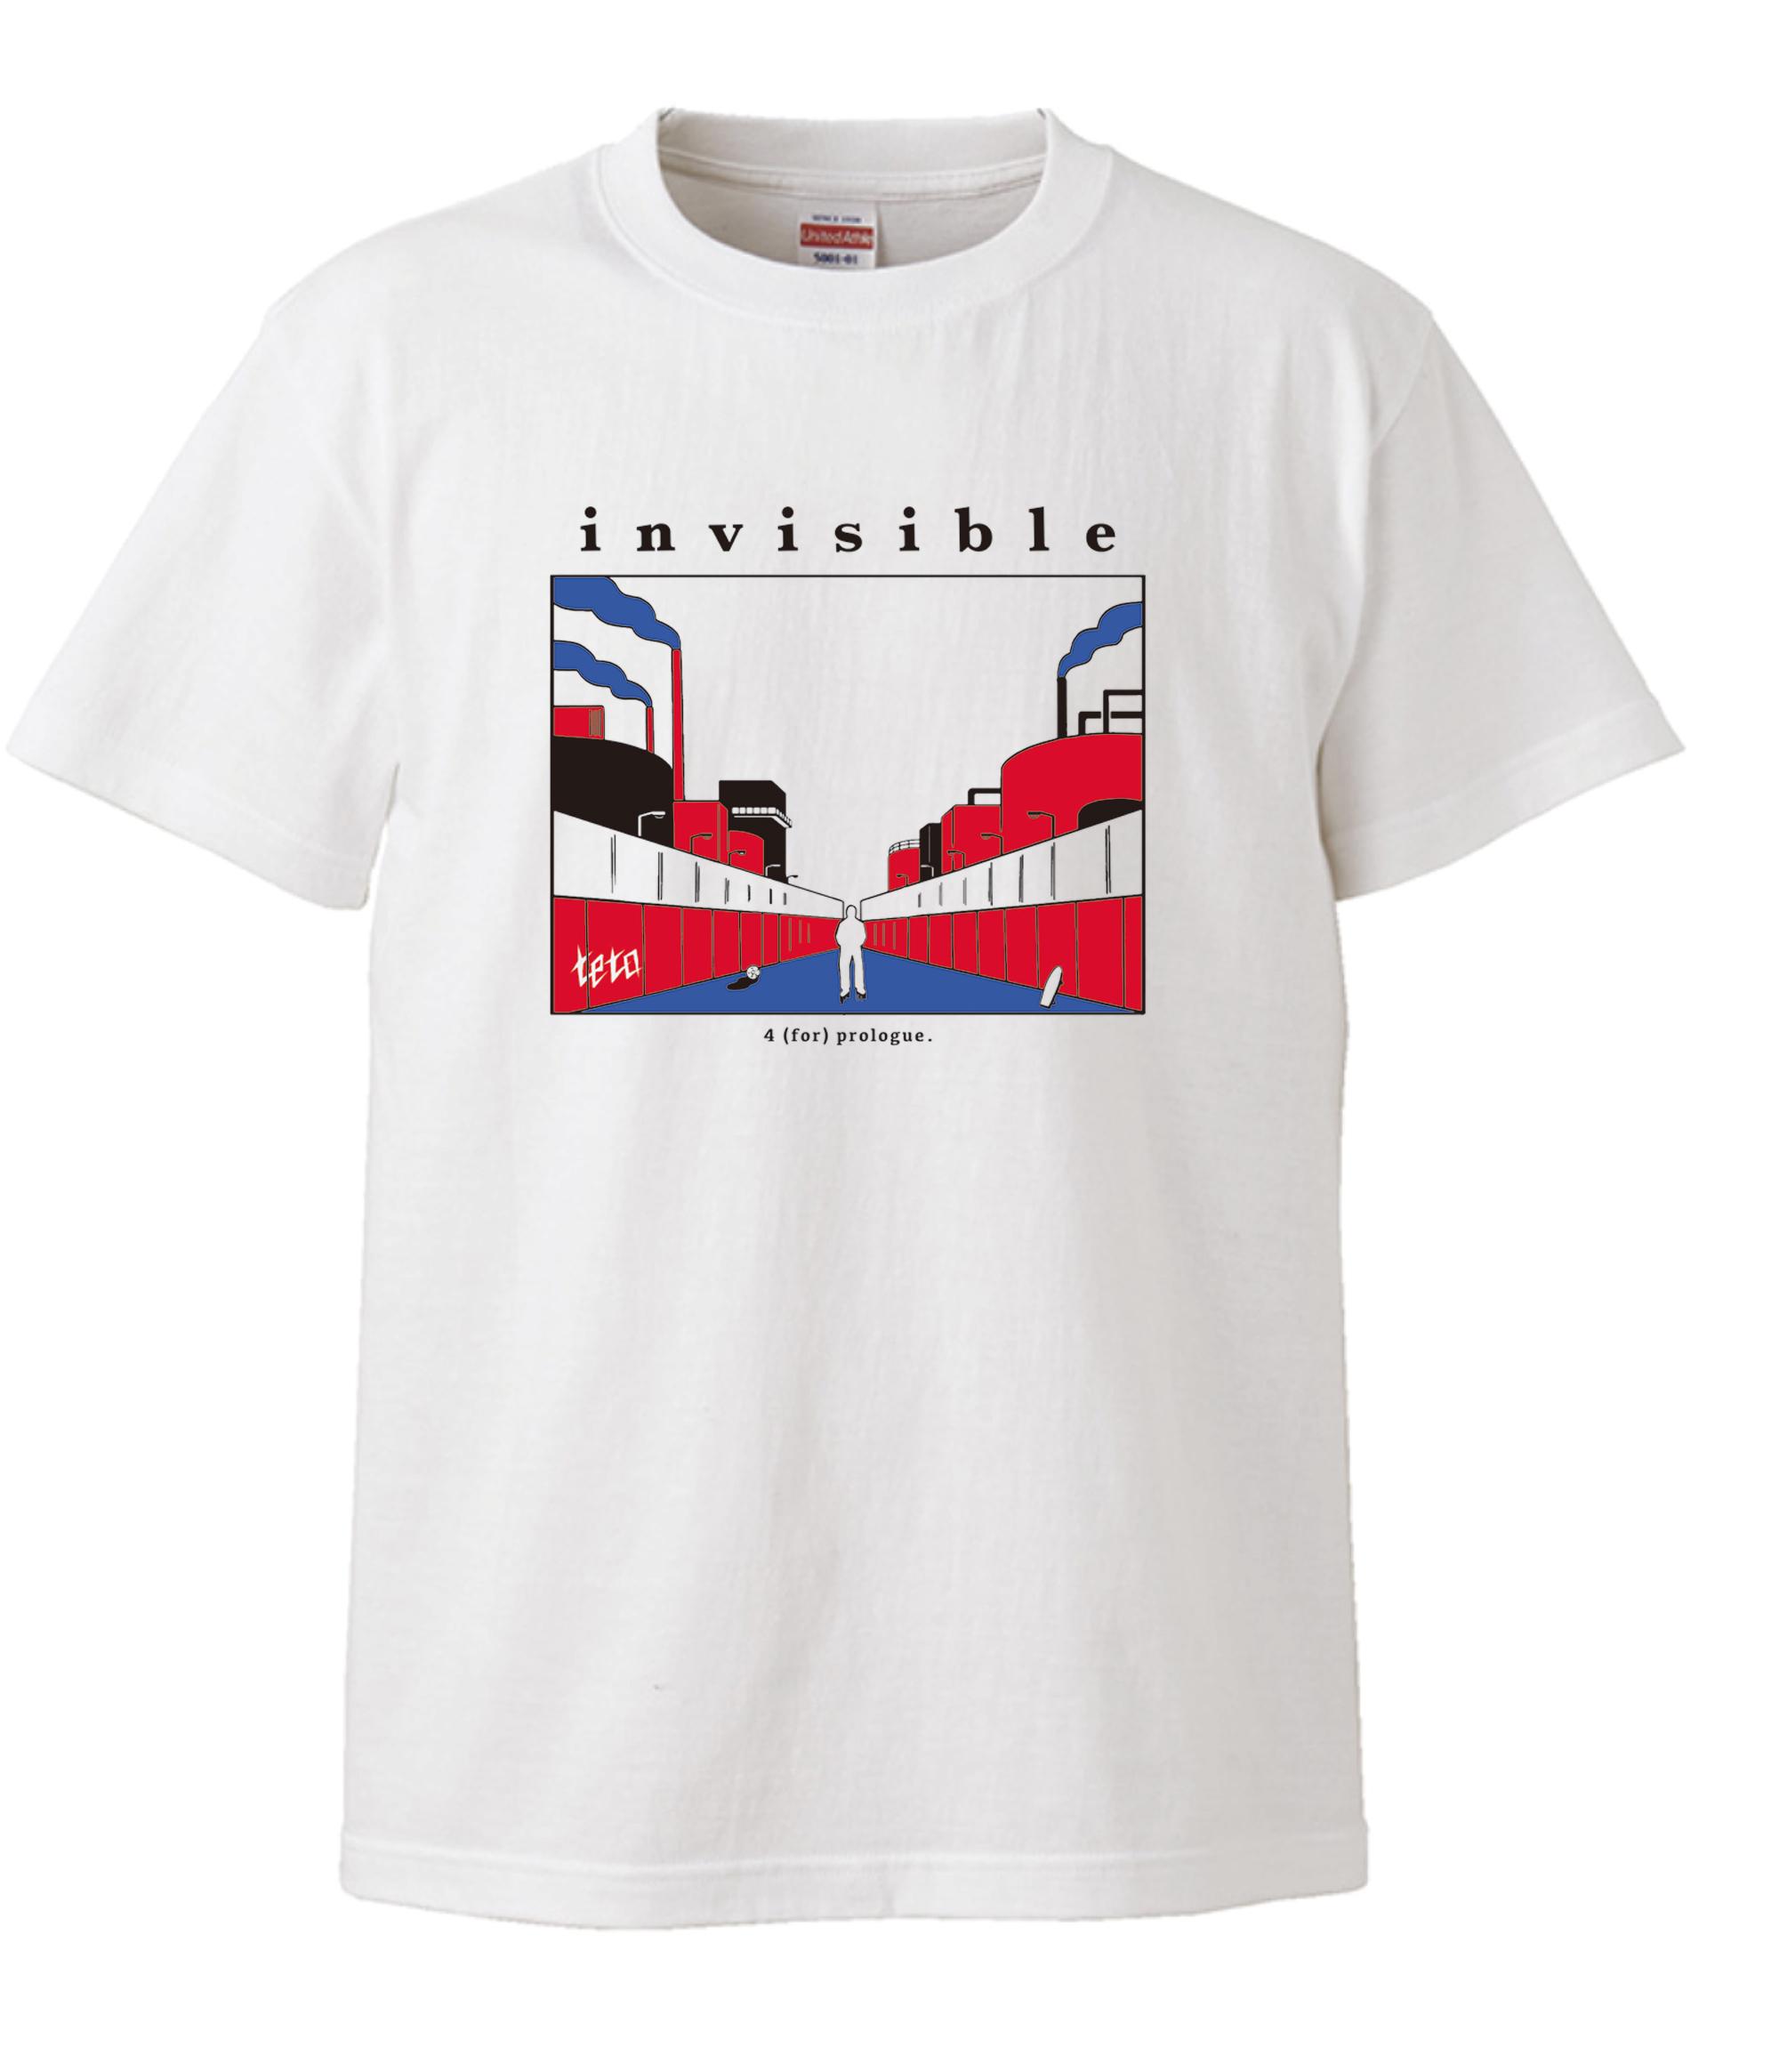 【受注販売】invisible Tee(ホワイト / A)